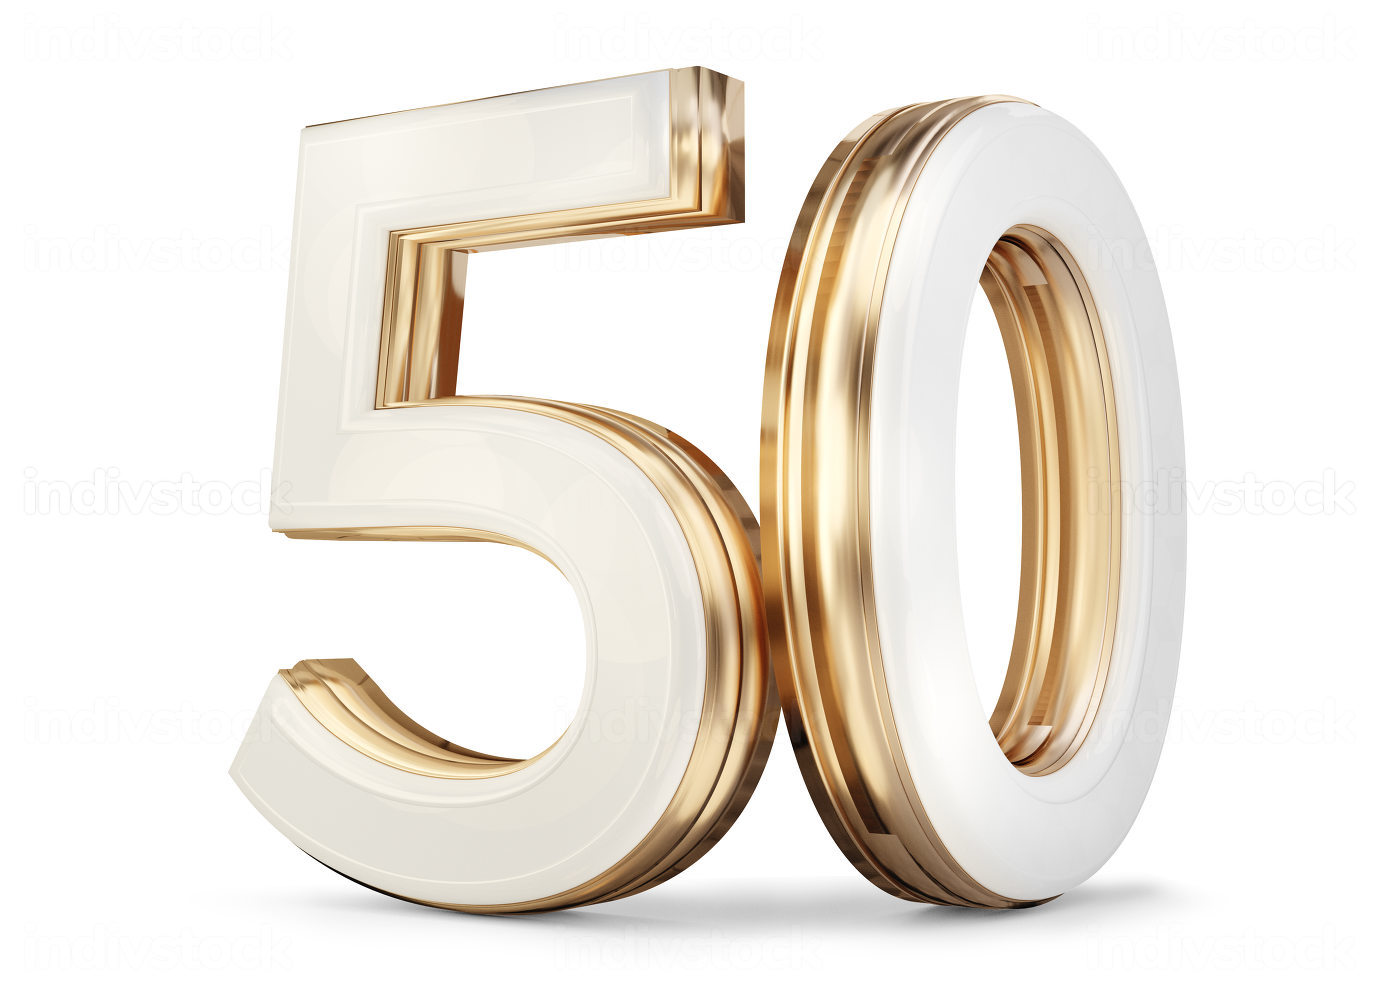 50 white golden symbol isolated 3d-illustration